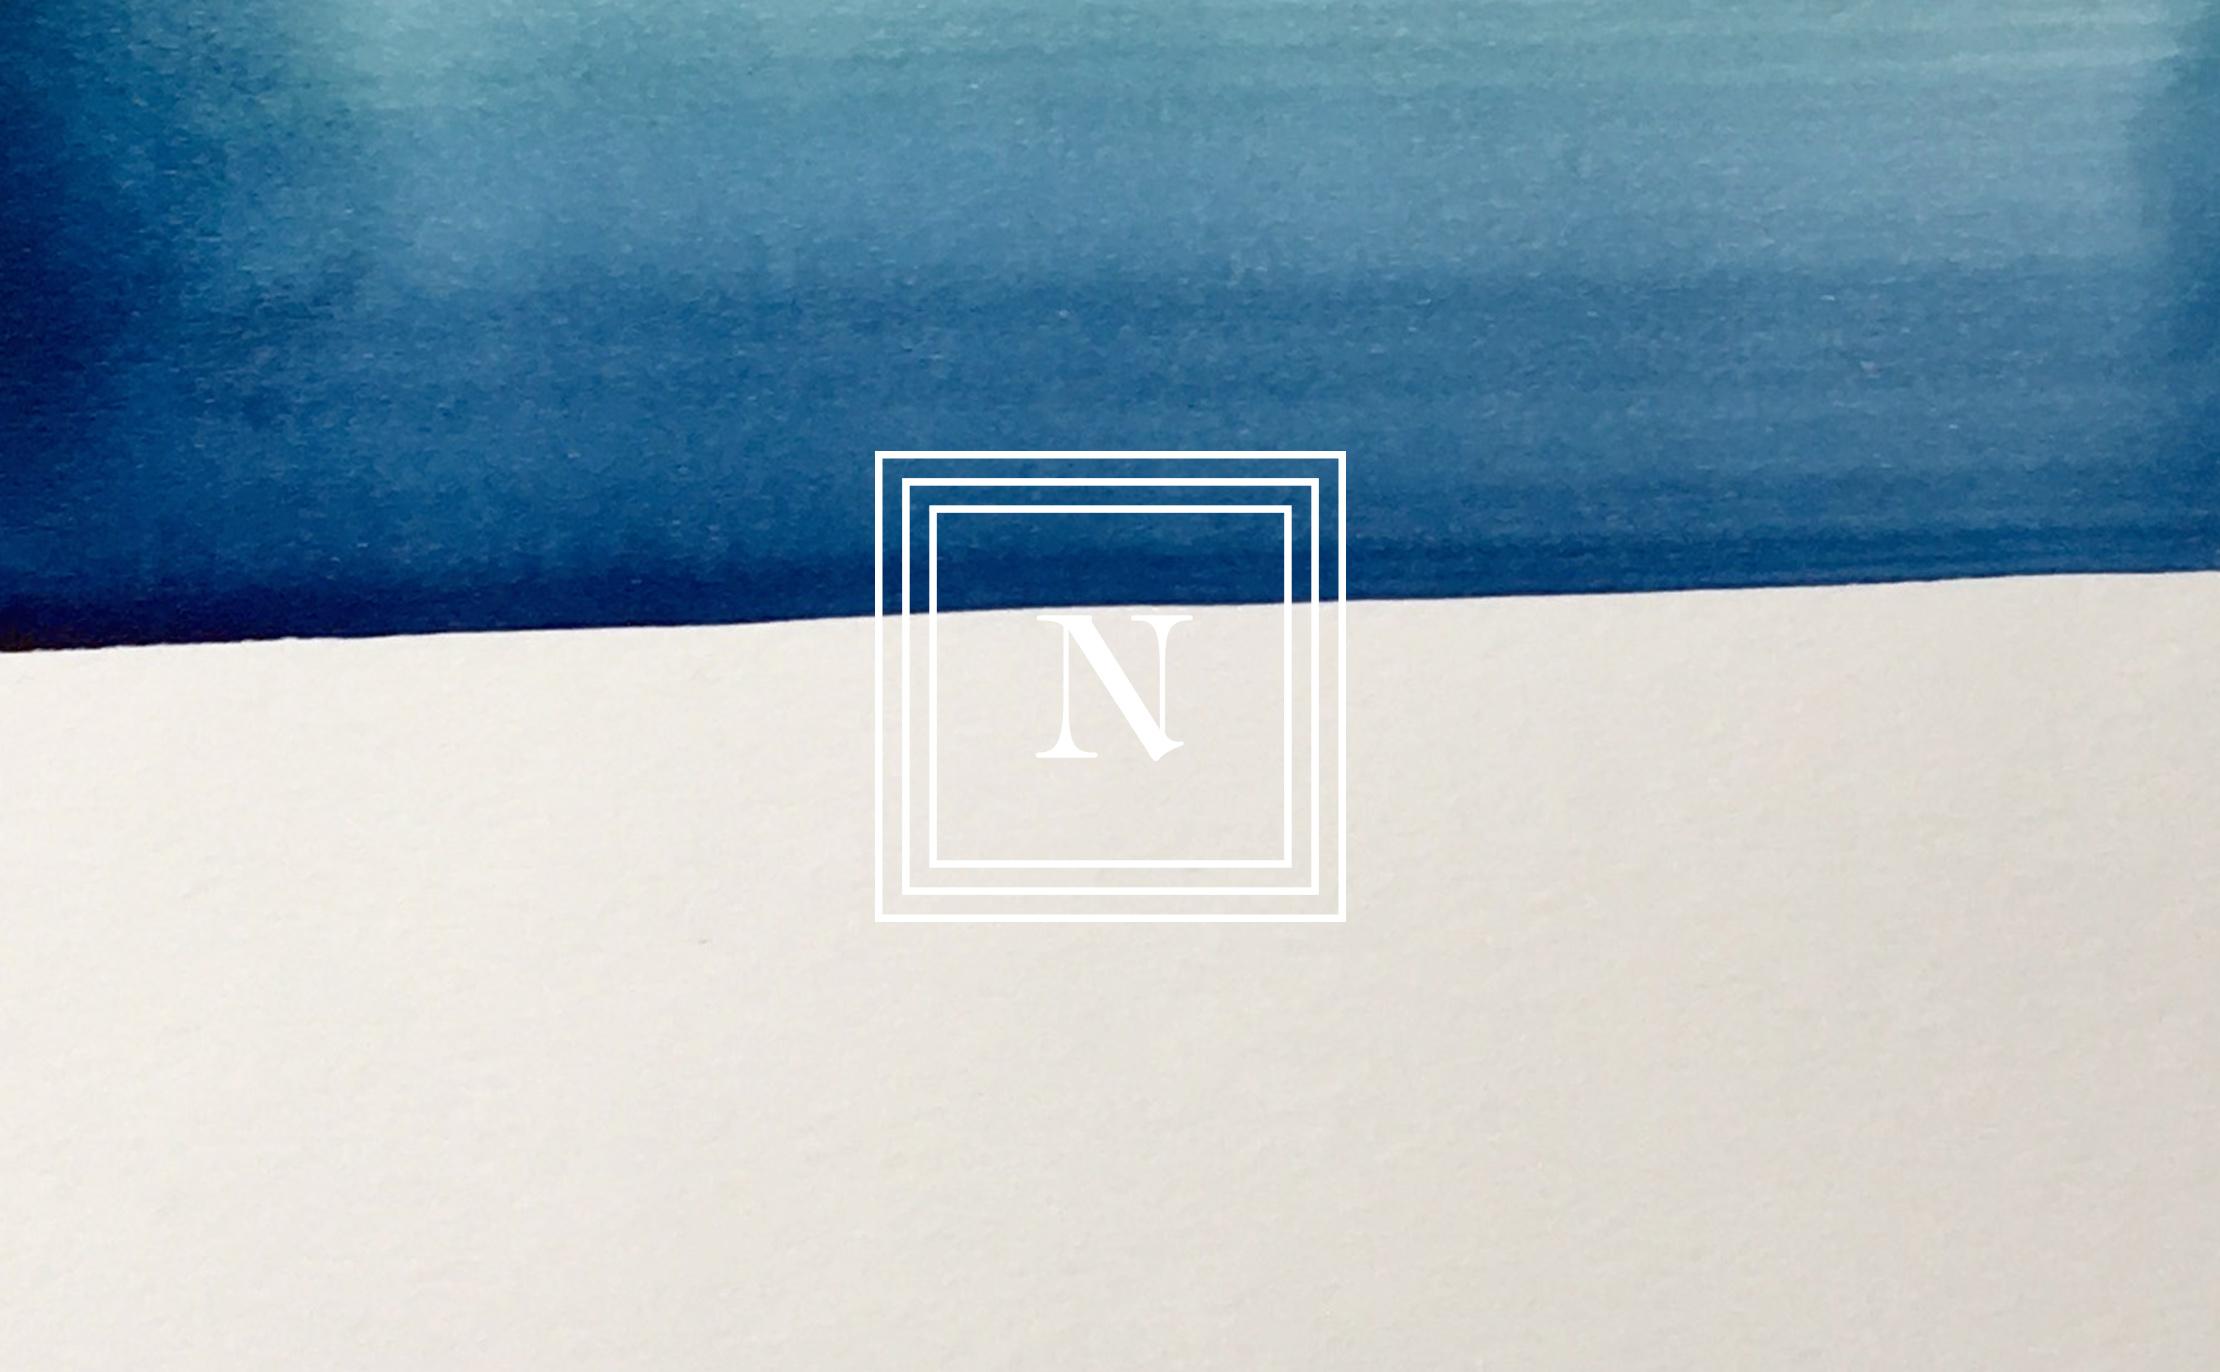 narissa_64.jpg